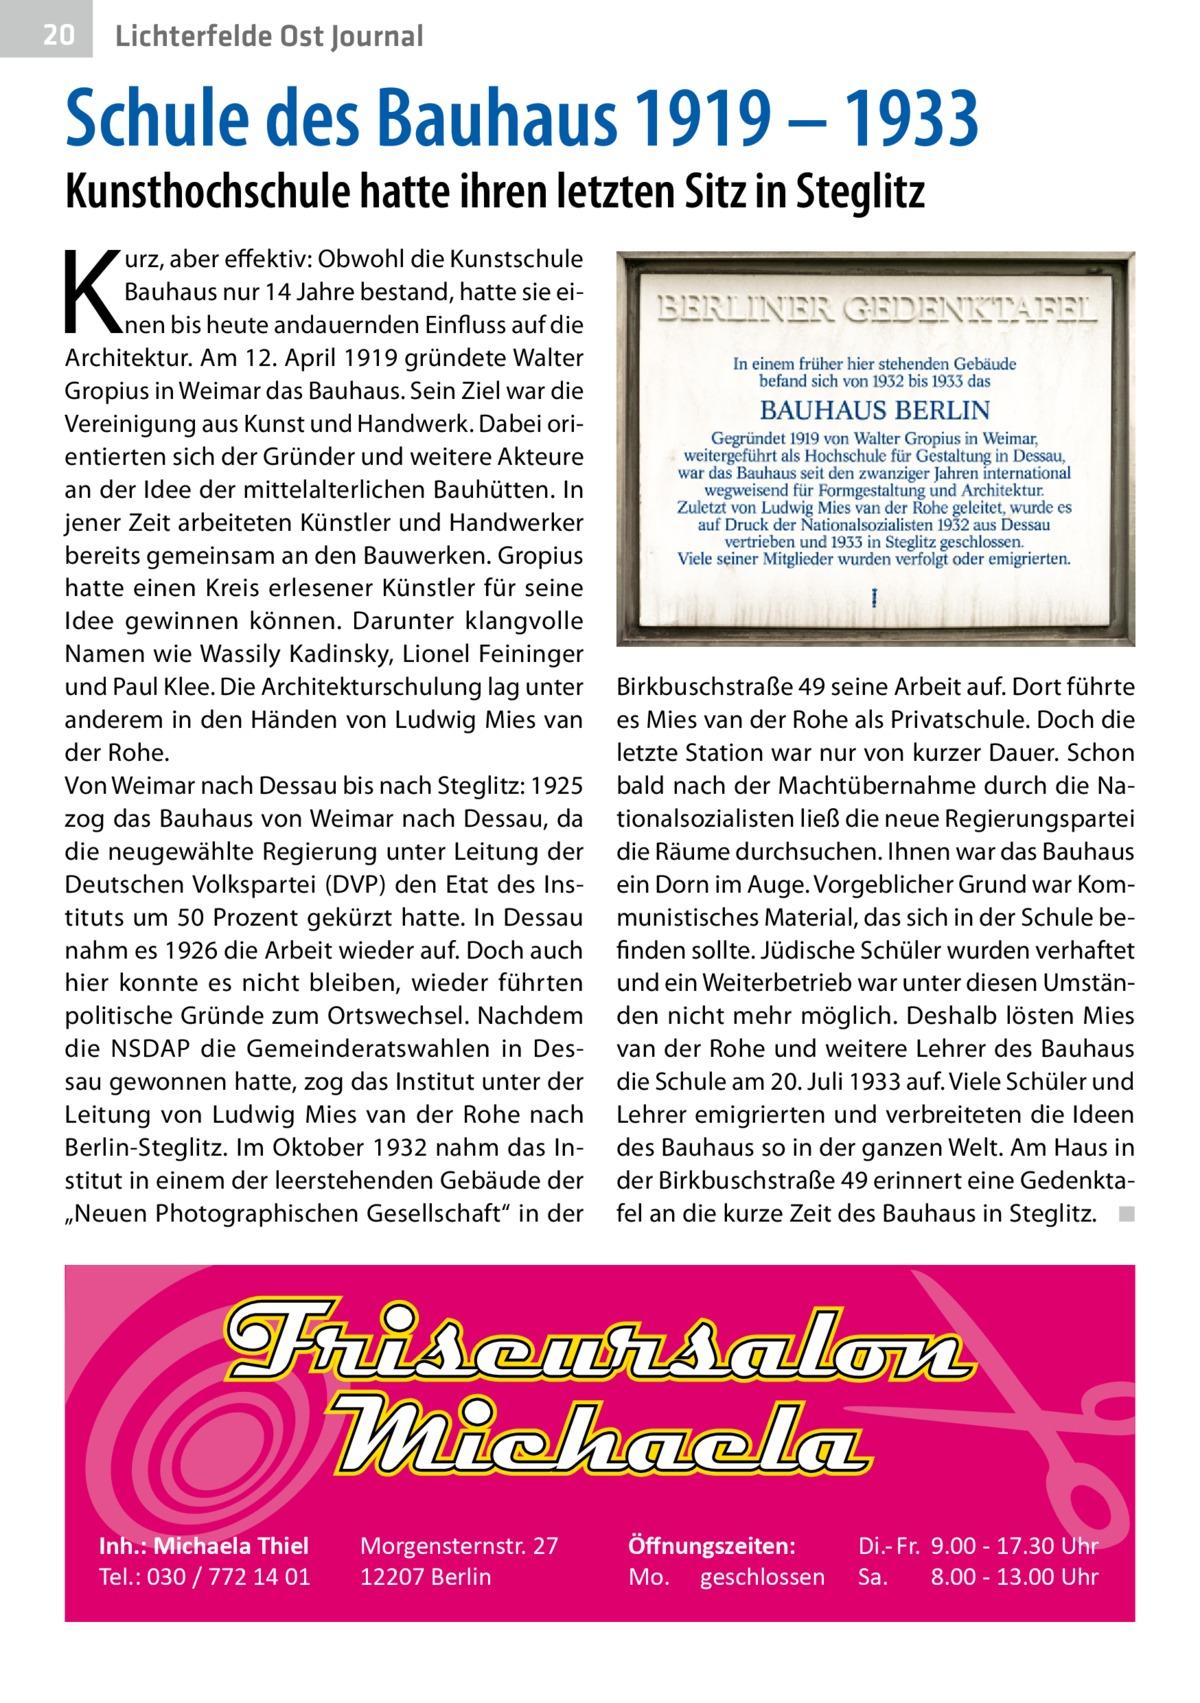 """20  Gesundheit Ost Journal Lichterfelde  Schule des Bauhaus 1919 – 1933 Kunsthochschule hatte ihren letzten Sitz in Steglitz  K  urz, aber effektiv: Obwohl die Kunstschule Bauhaus nur 14Jahre bestand, hatte sie einen bis heute andauernden Einfluss auf die Architektur. Am 12.April 1919 gründete Walter Gropius in Weimar das Bauhaus. Sein Ziel war die Vereinigung aus Kunst und Handwerk. Dabei orientierten sich der Gründer und weitere Akteure an der Idee der mittelalterlichen Bauhütten. In jener Zeit arbeiteten Künstler und Handwerker bereits gemeinsam an den Bauwerken. Gropius hatte einen Kreis erlesener Künstler für seine Idee gewinnen können. Darunter klangvolle Namen wie Wassily Kadinsky, Lionel Feininger und Paul Klee. Die Architekturschulung lag unter anderem in den Händen von Ludwig Mies van der Rohe. Von Weimar nach Dessau bis nach Steglitz: 1925 zog das Bauhaus von Weimar nach Dessau, da die neugewählte Regierung unter Leitung der Deutschen Volkspartei (DVP) den Etat des Instituts um 50Prozent gekürzt hatte. In Dessau nahm es 1926 die Arbeit wieder auf. Doch auch hier konnte es nicht bleiben, wieder führten politische Gründe zum Ortswechsel. Nachdem die NSDAP die Gemeinderatswahlen in Dessau gewonnen hatte, zog das Institut unter der Leitung von Ludwig Mies van der Rohe nach Berlin-Steglitz. Im Oktober 1932 nahm das Institut in einem der leerstehenden Gebäude der """"Neuen Photographischen Gesellschaft"""" in der  Inh.: Michaela Thiel Tel.: 030 / 772 14 01  Morgensternstr. 27 12207 Berlin  Birkbuschstraße49 seine Arbeit auf. Dort führte es Mies van der Rohe als Privatschule. Doch die letzte Station war nur von kurzer Dauer. Schon bald nach der Machtübernahme durch die Nationalsozialisten ließ die neue Regierungspartei die Räume durchsuchen. Ihnen war das Bauhaus ein Dorn im Auge. Vorgeblicher Grund war Kommunistisches Material, das sich in der Schule befinden sollte. Jüdische Schüler wurden verhaftet und ein Weiterbetrieb war unter diesen Umständen nicht mehr möglich"""